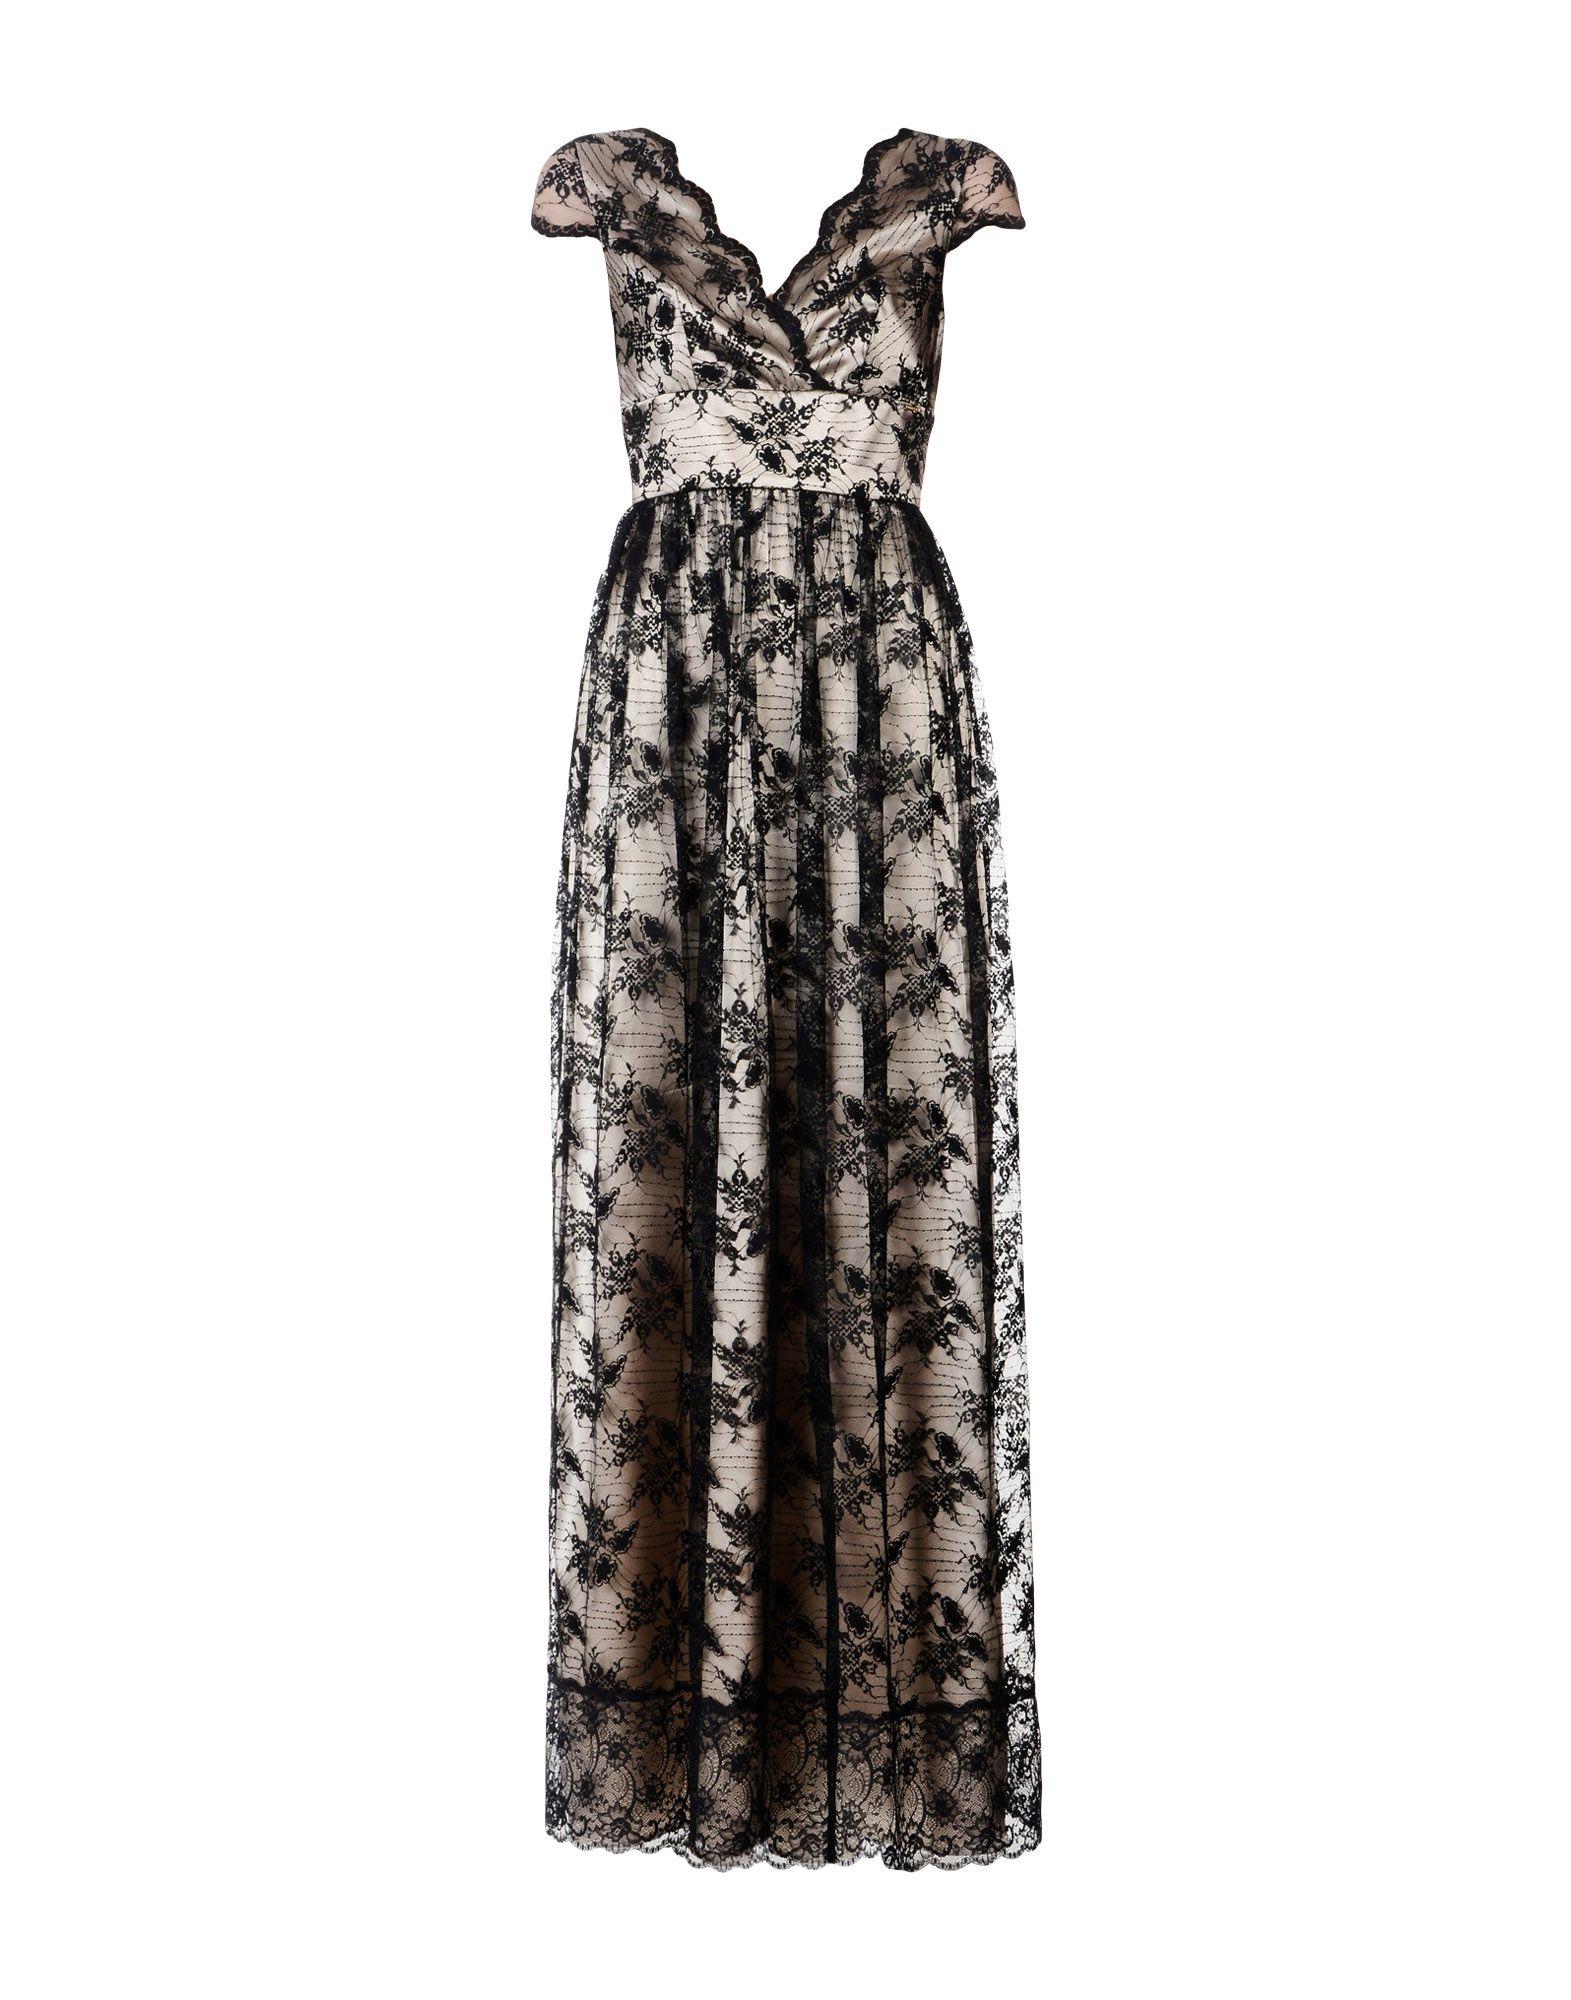 MARY D'ALOIA? レディース ロングワンピース&ドレス ブラック 42 ナイロン 100% / ポリエステル / ポリウレタン